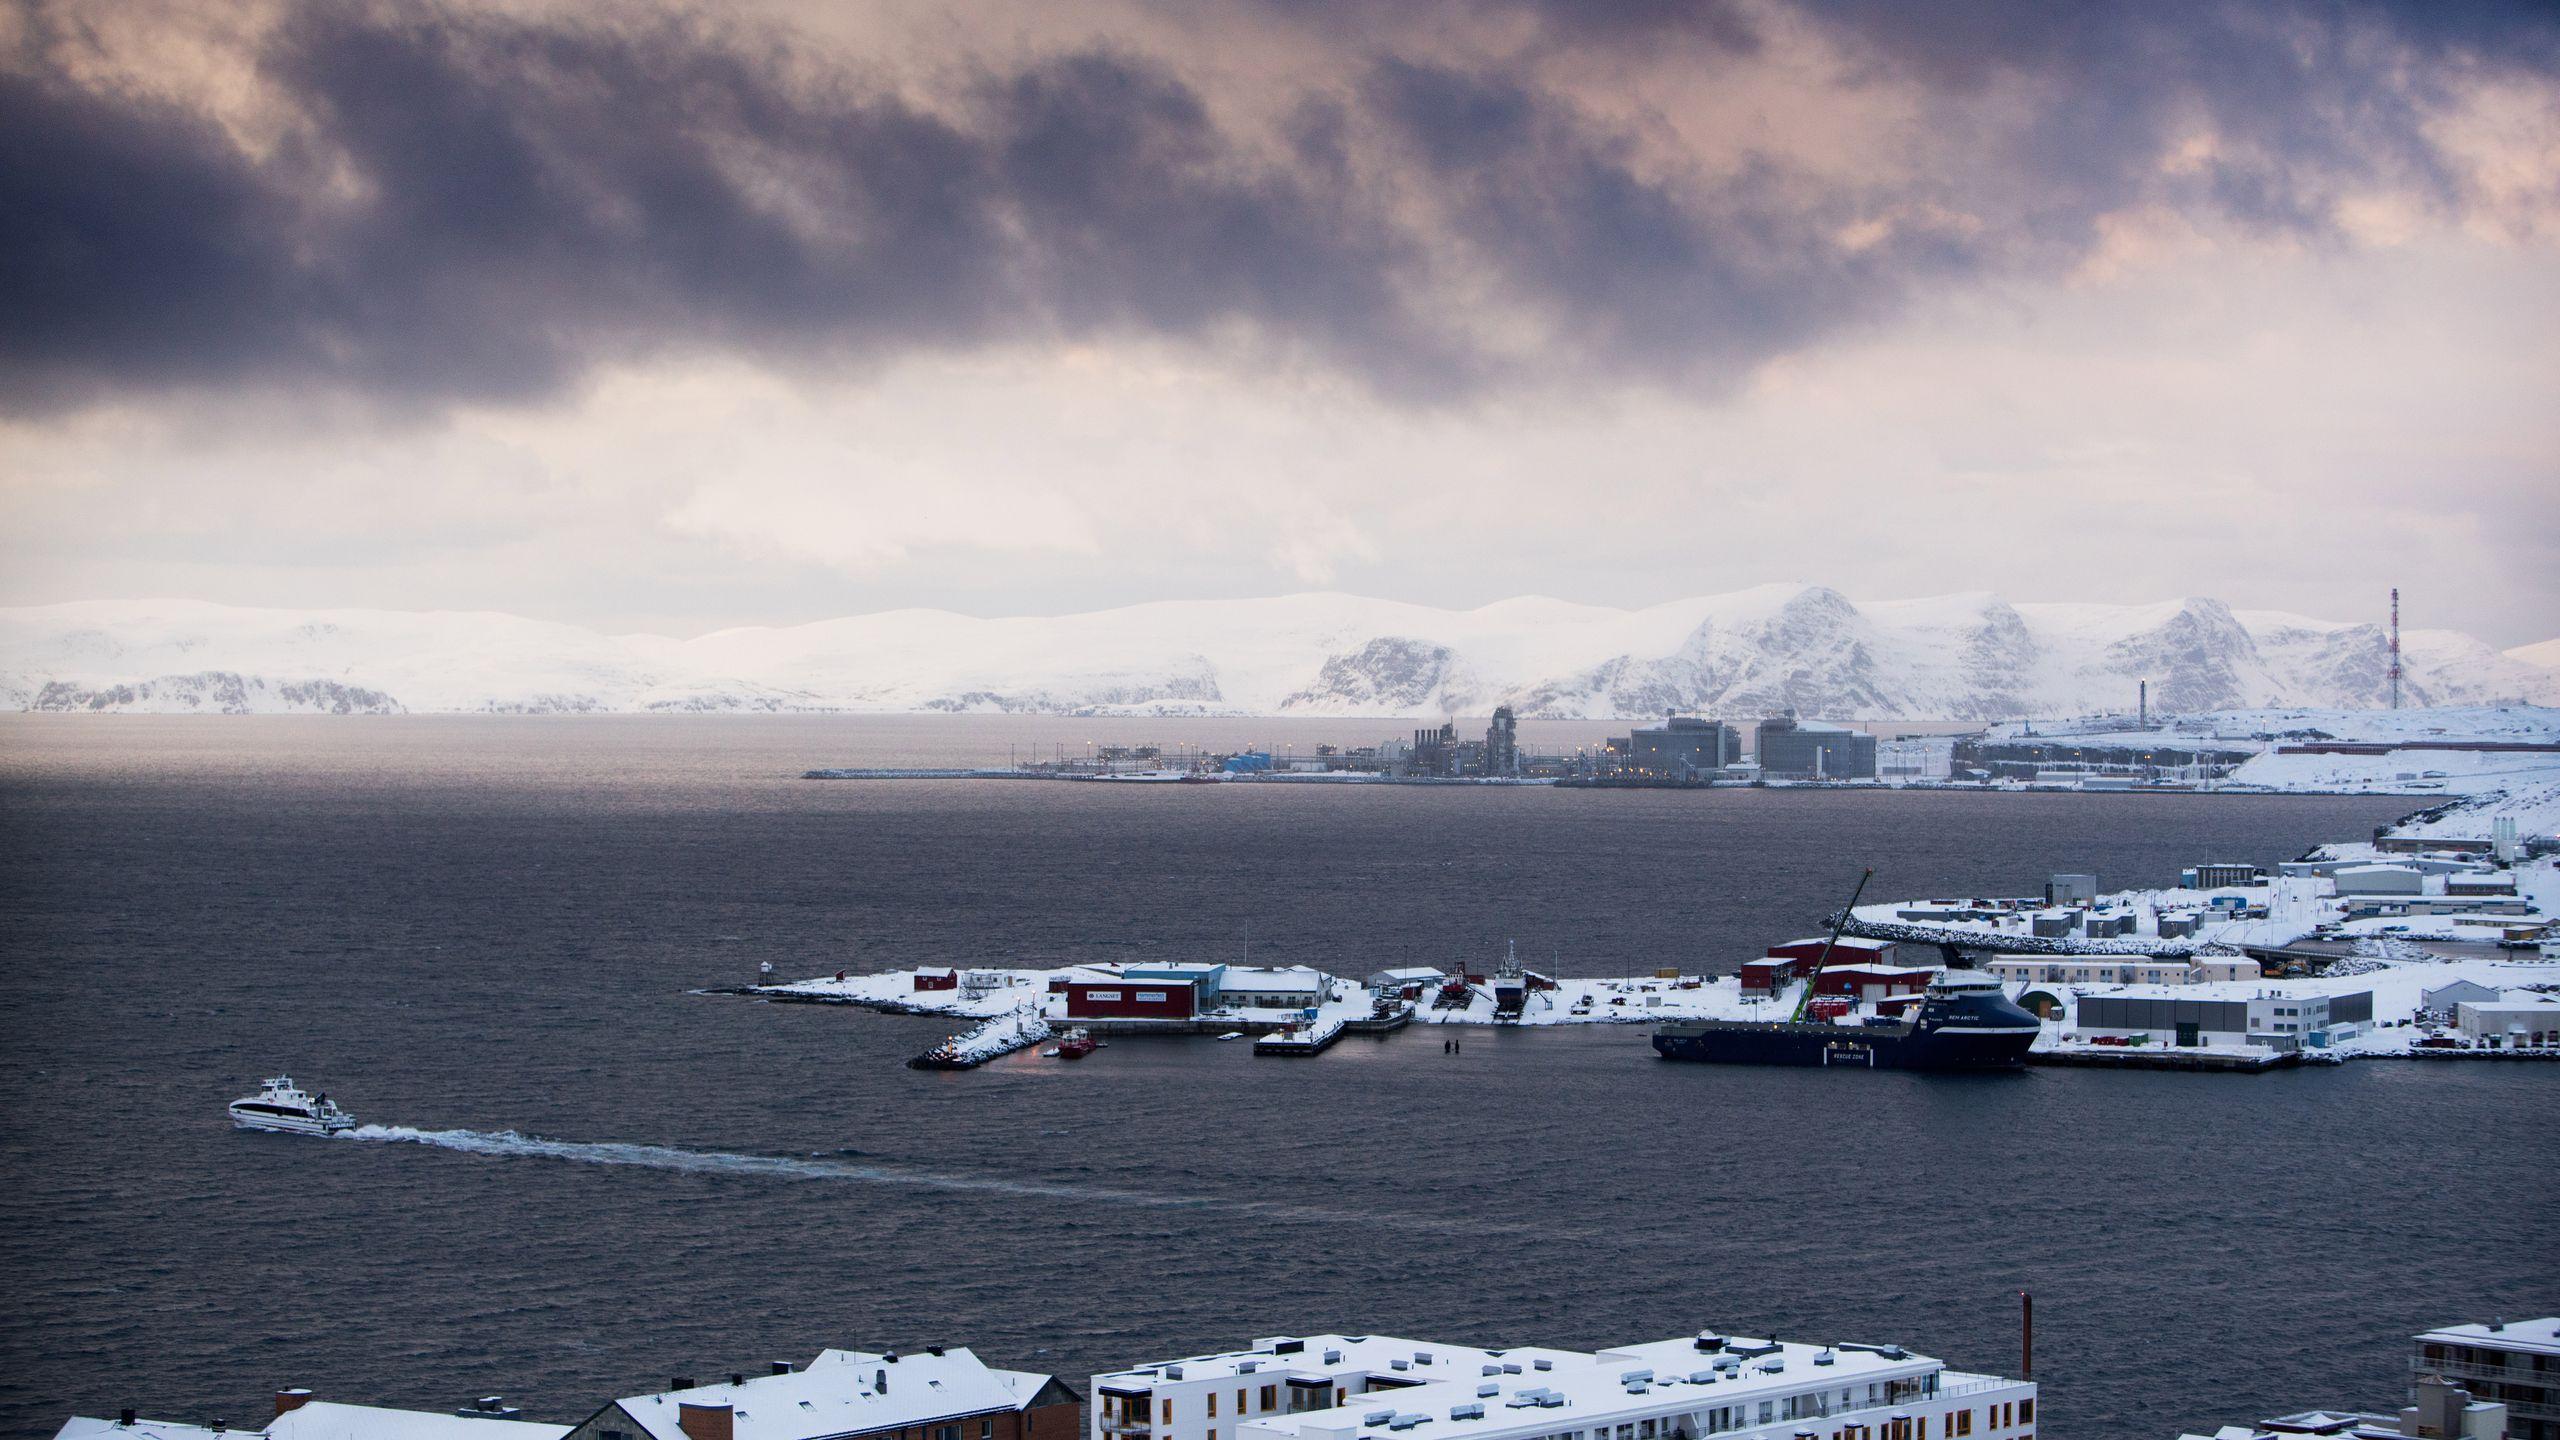 MELKØYA: Da gassfeltet Snøhvit ble en realitet, skulle det endre Hammerfest. Anlegget på Melkøya, bakerst på bildet, genererer alene nesten 200 millioner kroner i eiendomsskatt til kommunen.